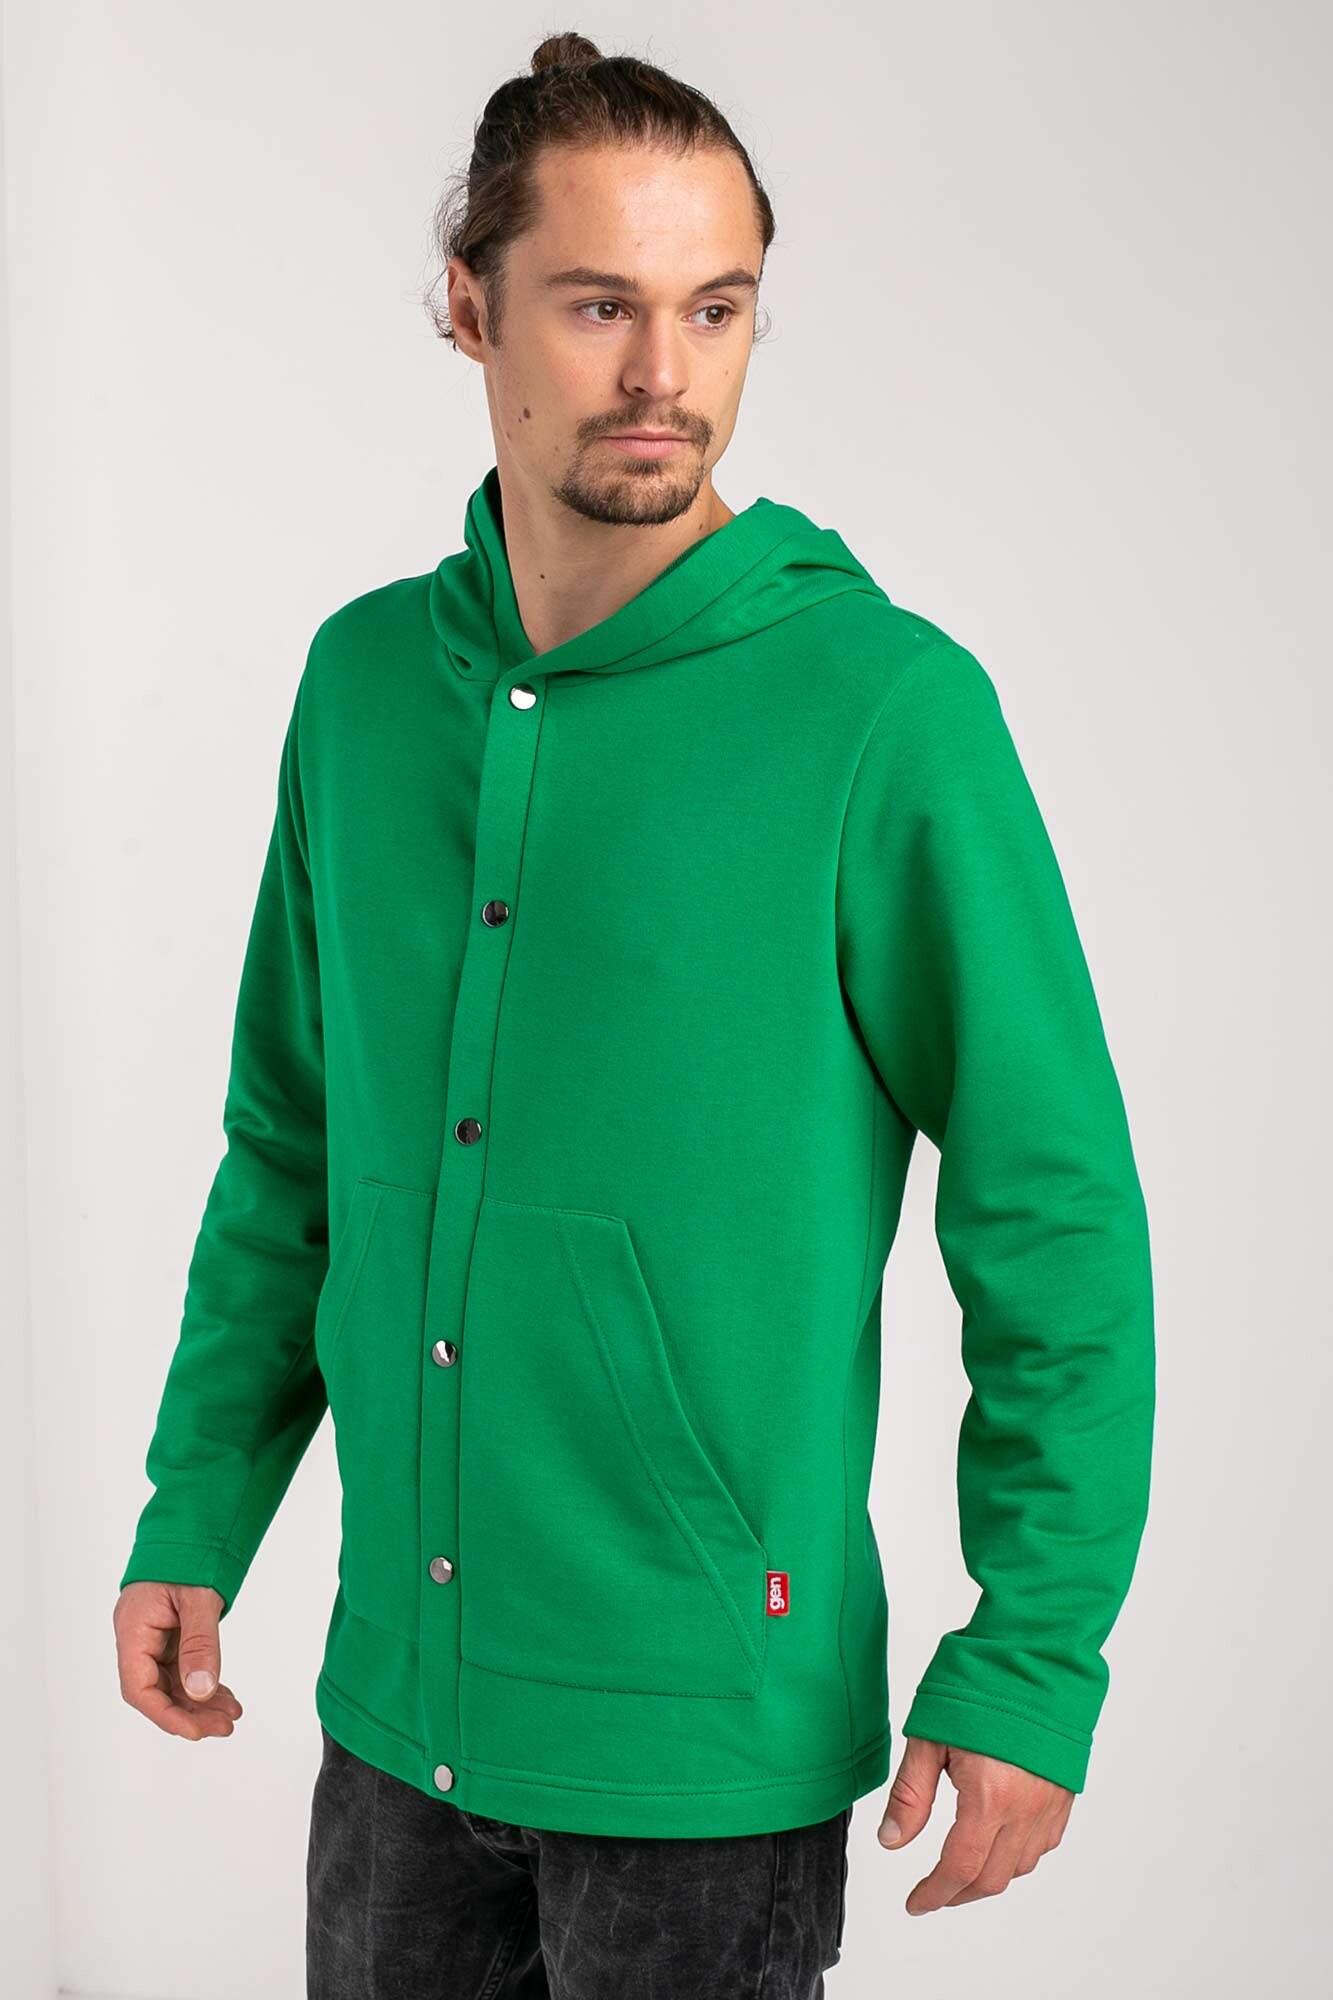 Зеленая хлопковая кофта на кнопках с капюшоном